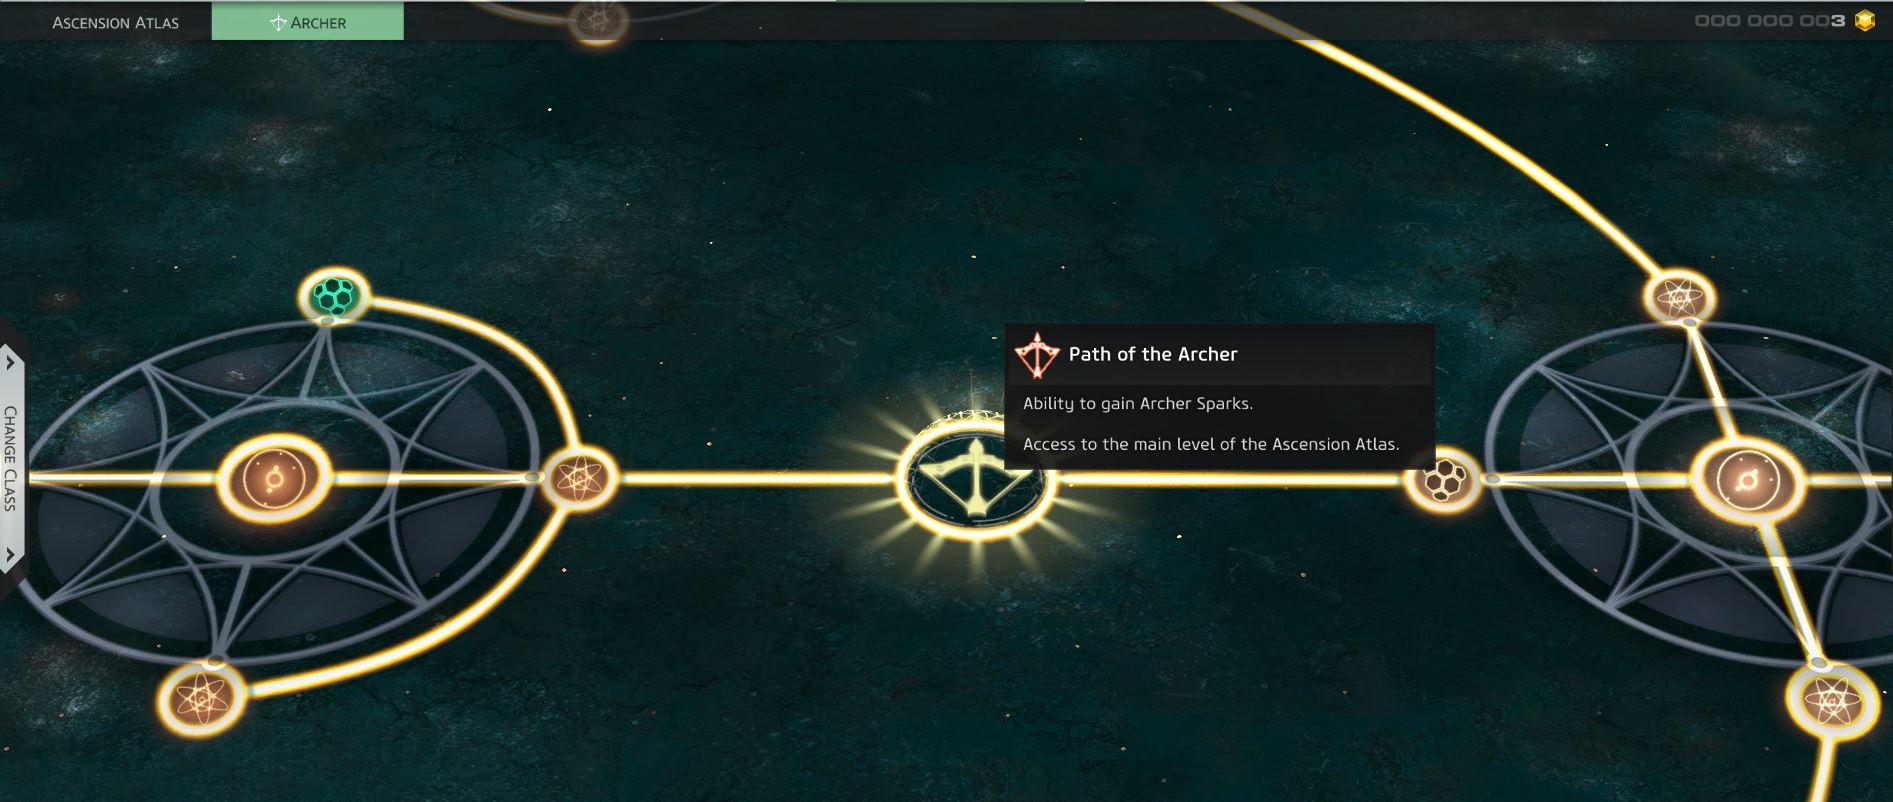 Skyforge : Comment bien commencer et ne pas perdre son temps 7